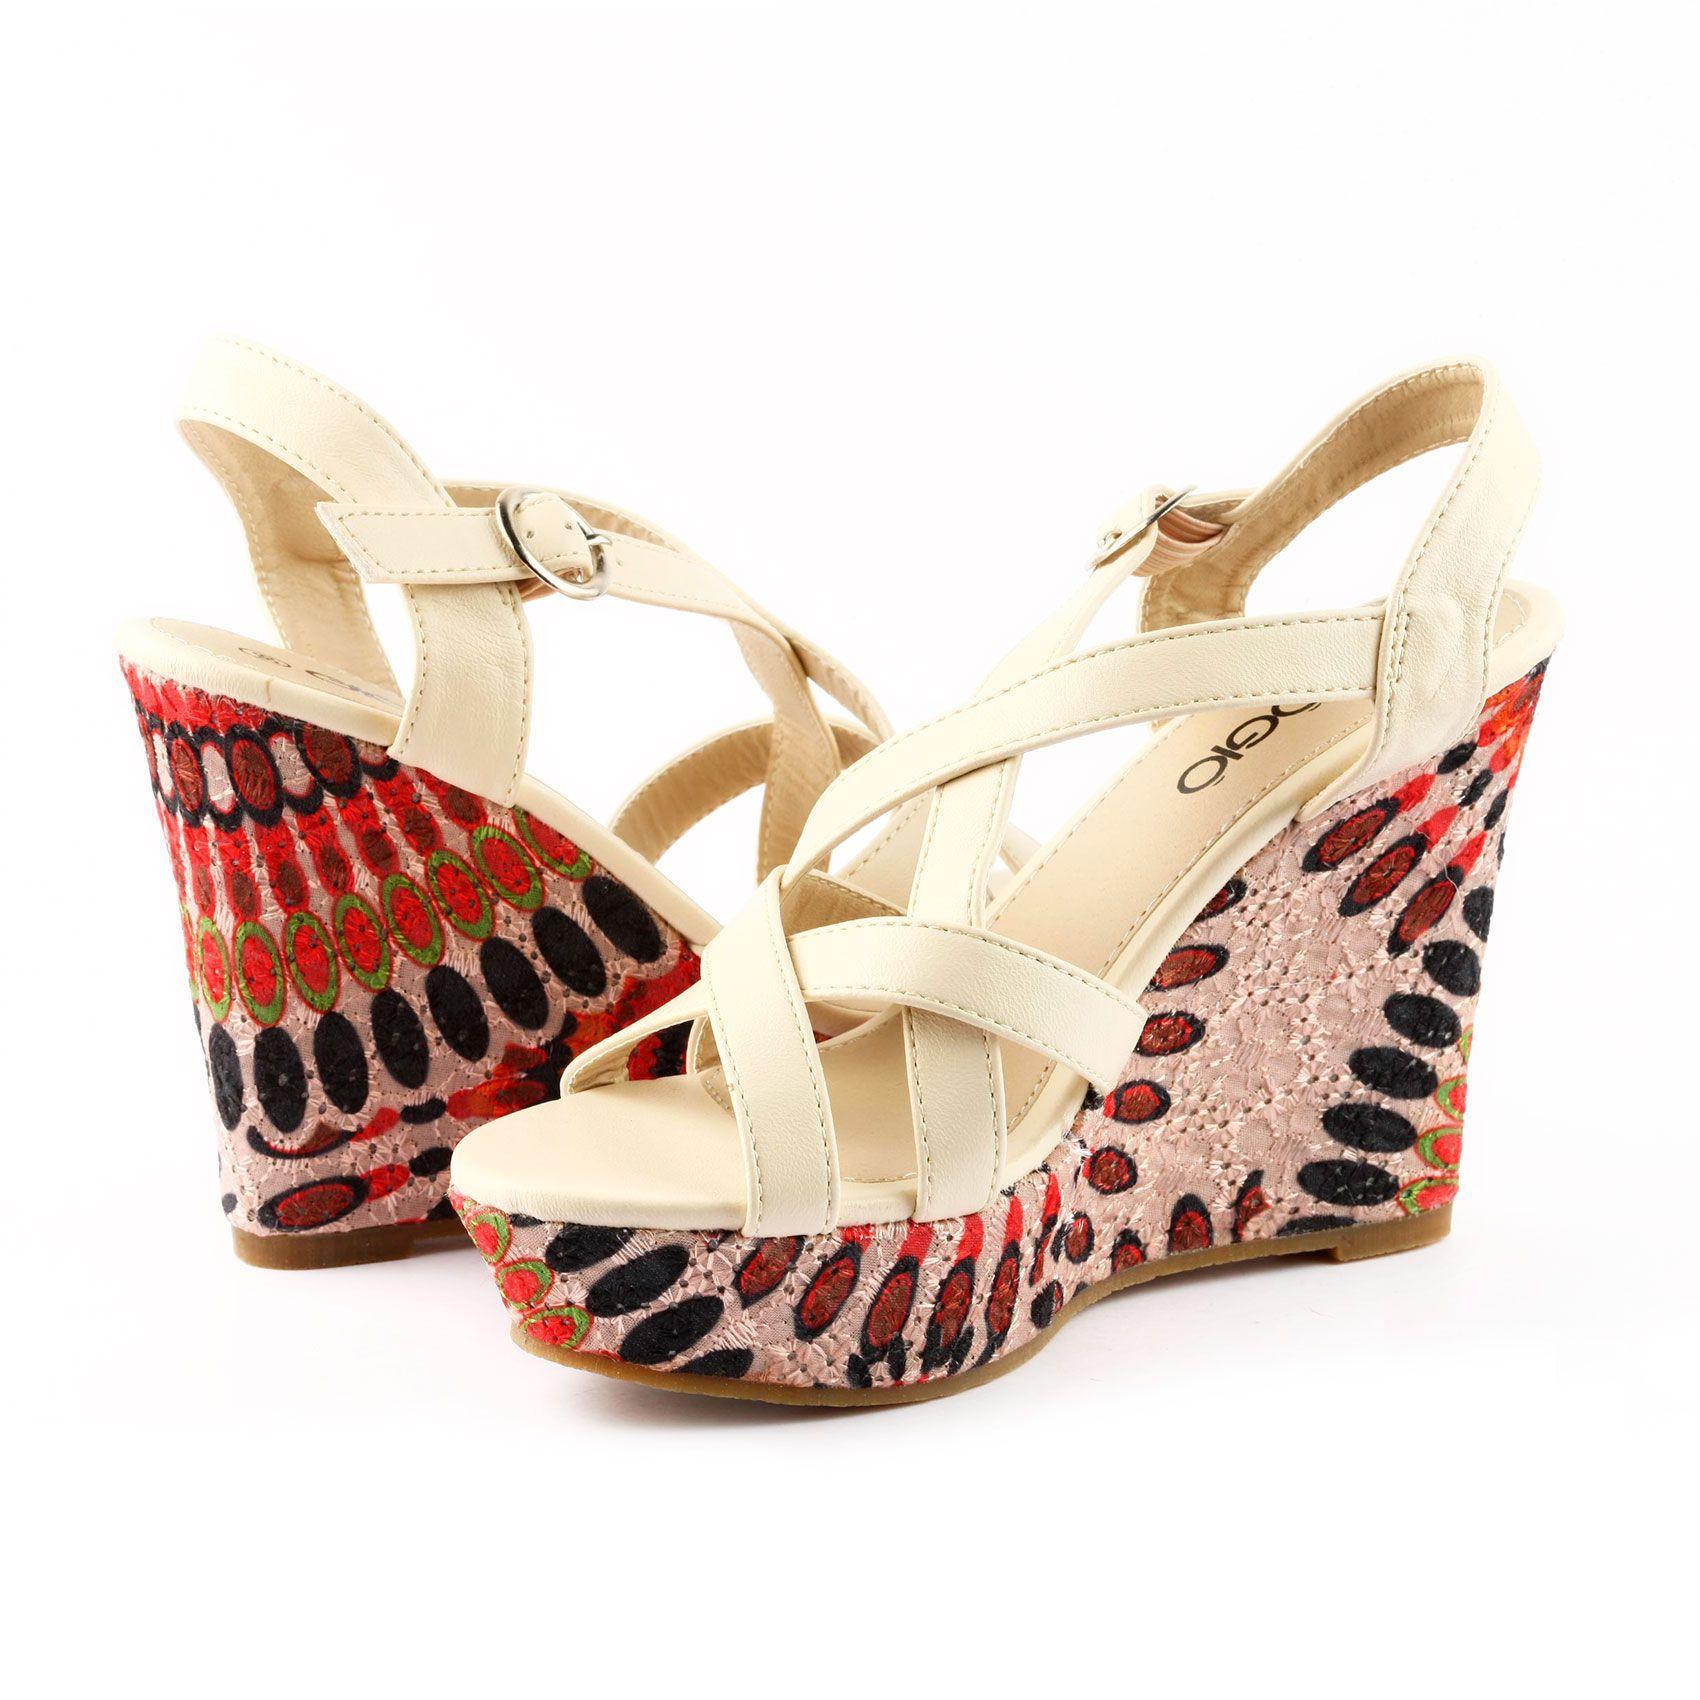 Sandalia marca Gio Gio, este y más modelos en www.zapacos.com   #shoes #sandalias #zapatos #moda #tendencia #fashion #trend #trendy